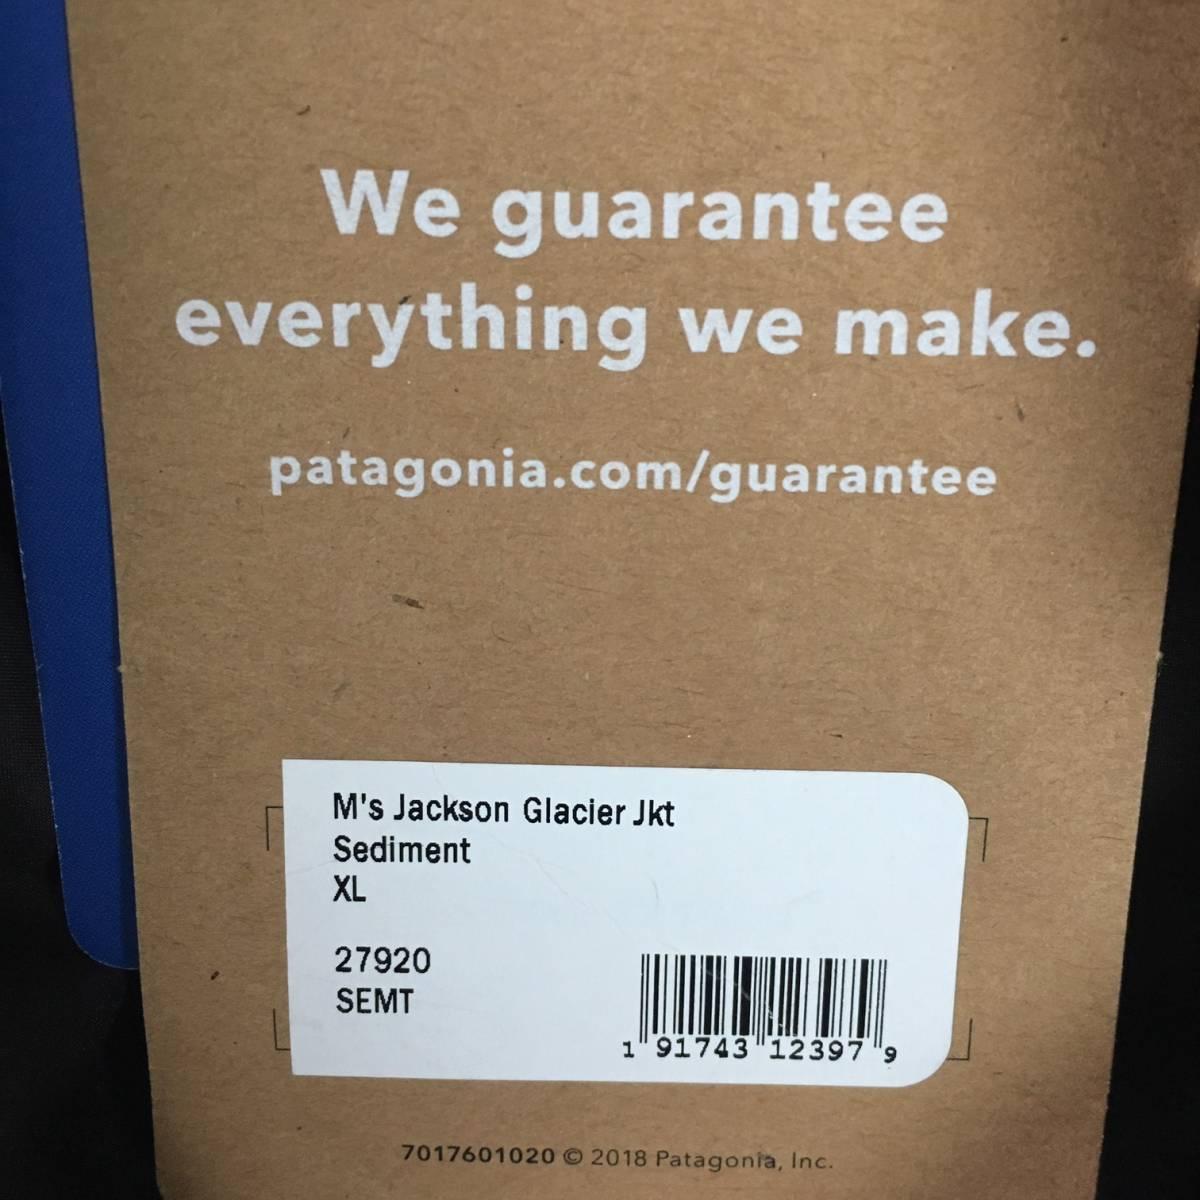 最高級 Patagonia Men's Jackson Glacier Jacket パタゴニア メンズ ジャクソン グレイシャー ジャケット 2018FA XL (USサイズ) SEMT_画像10